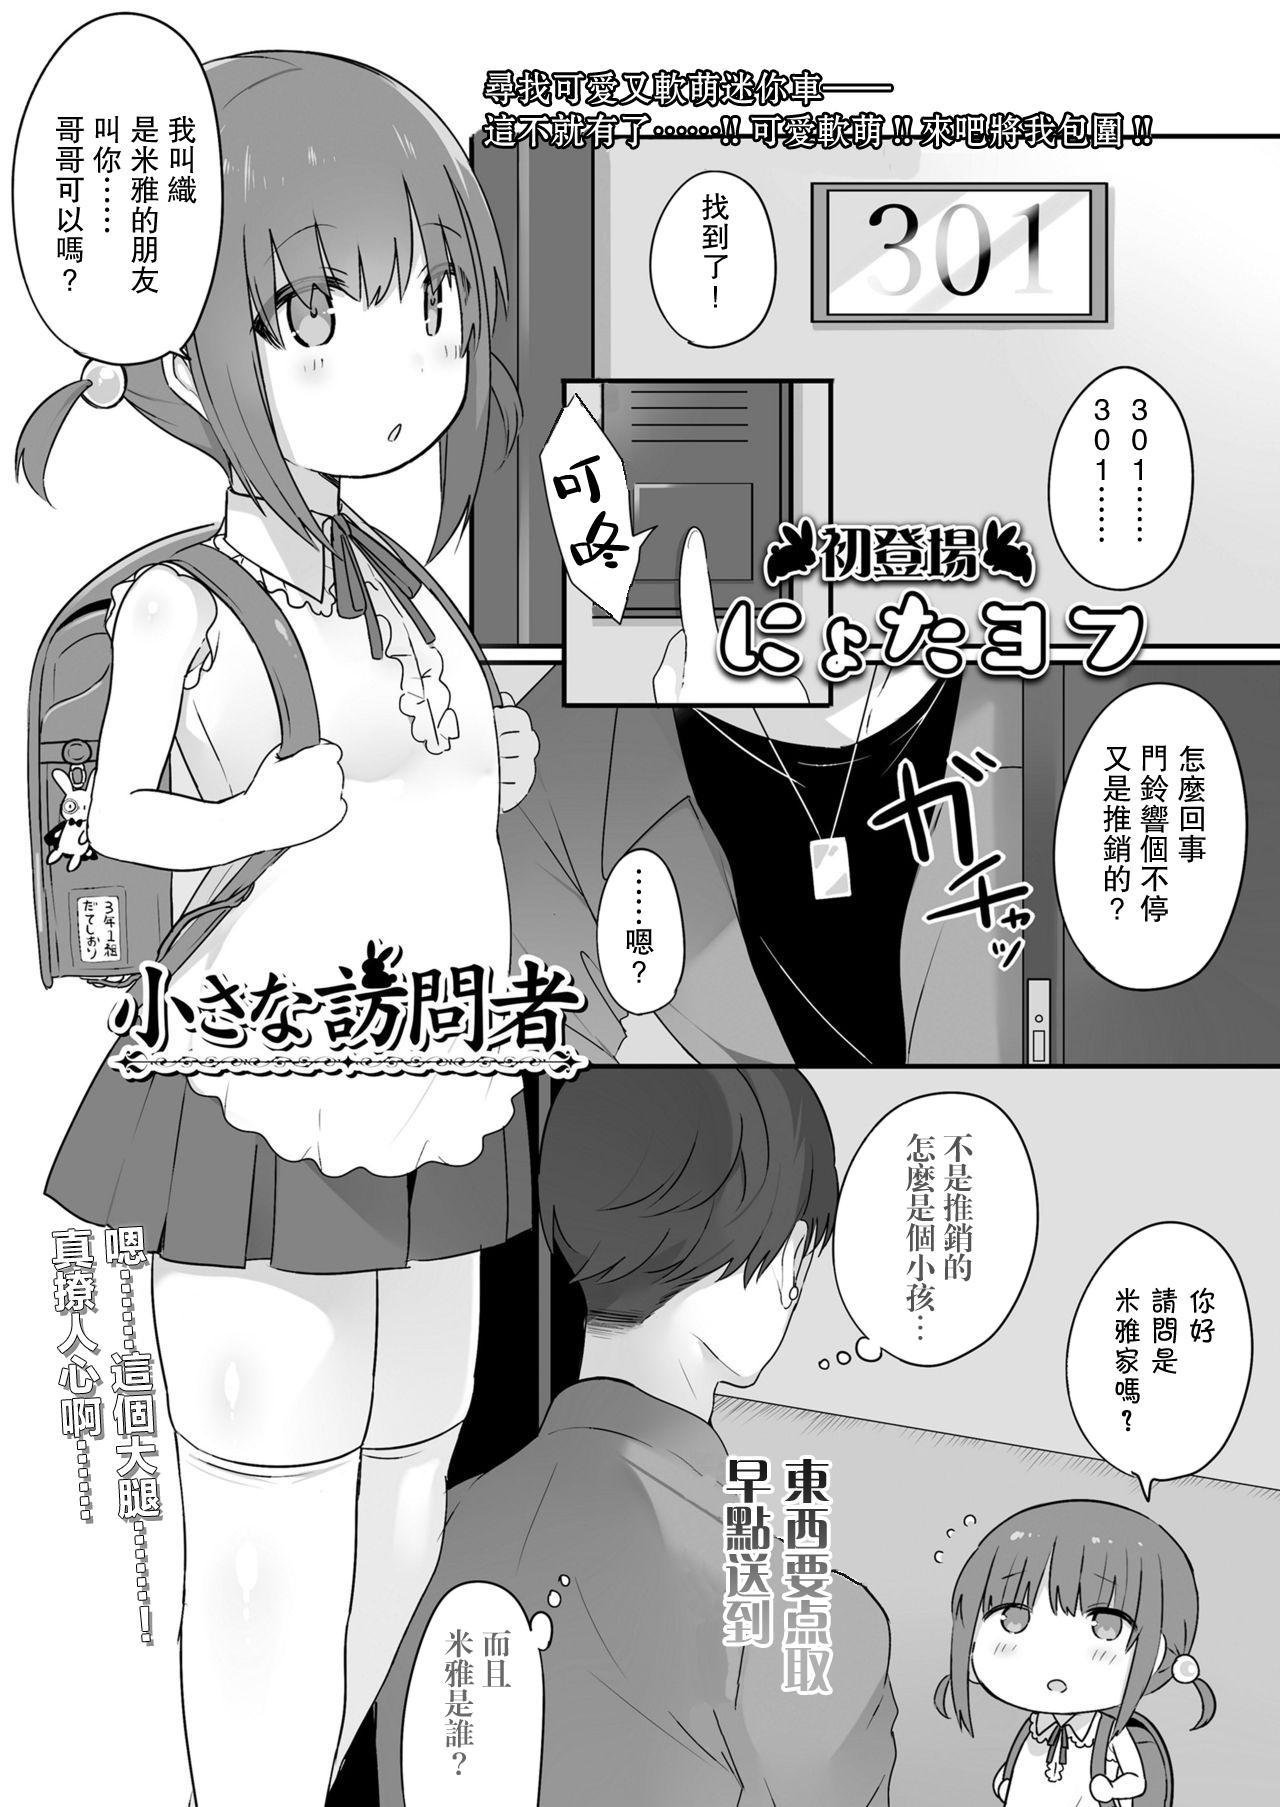 [nyotayohu] Chiisana Houmonsha | A Tiny Visitor (COMIC LO 2021-05) [Chinese]【不可视汉化】 1